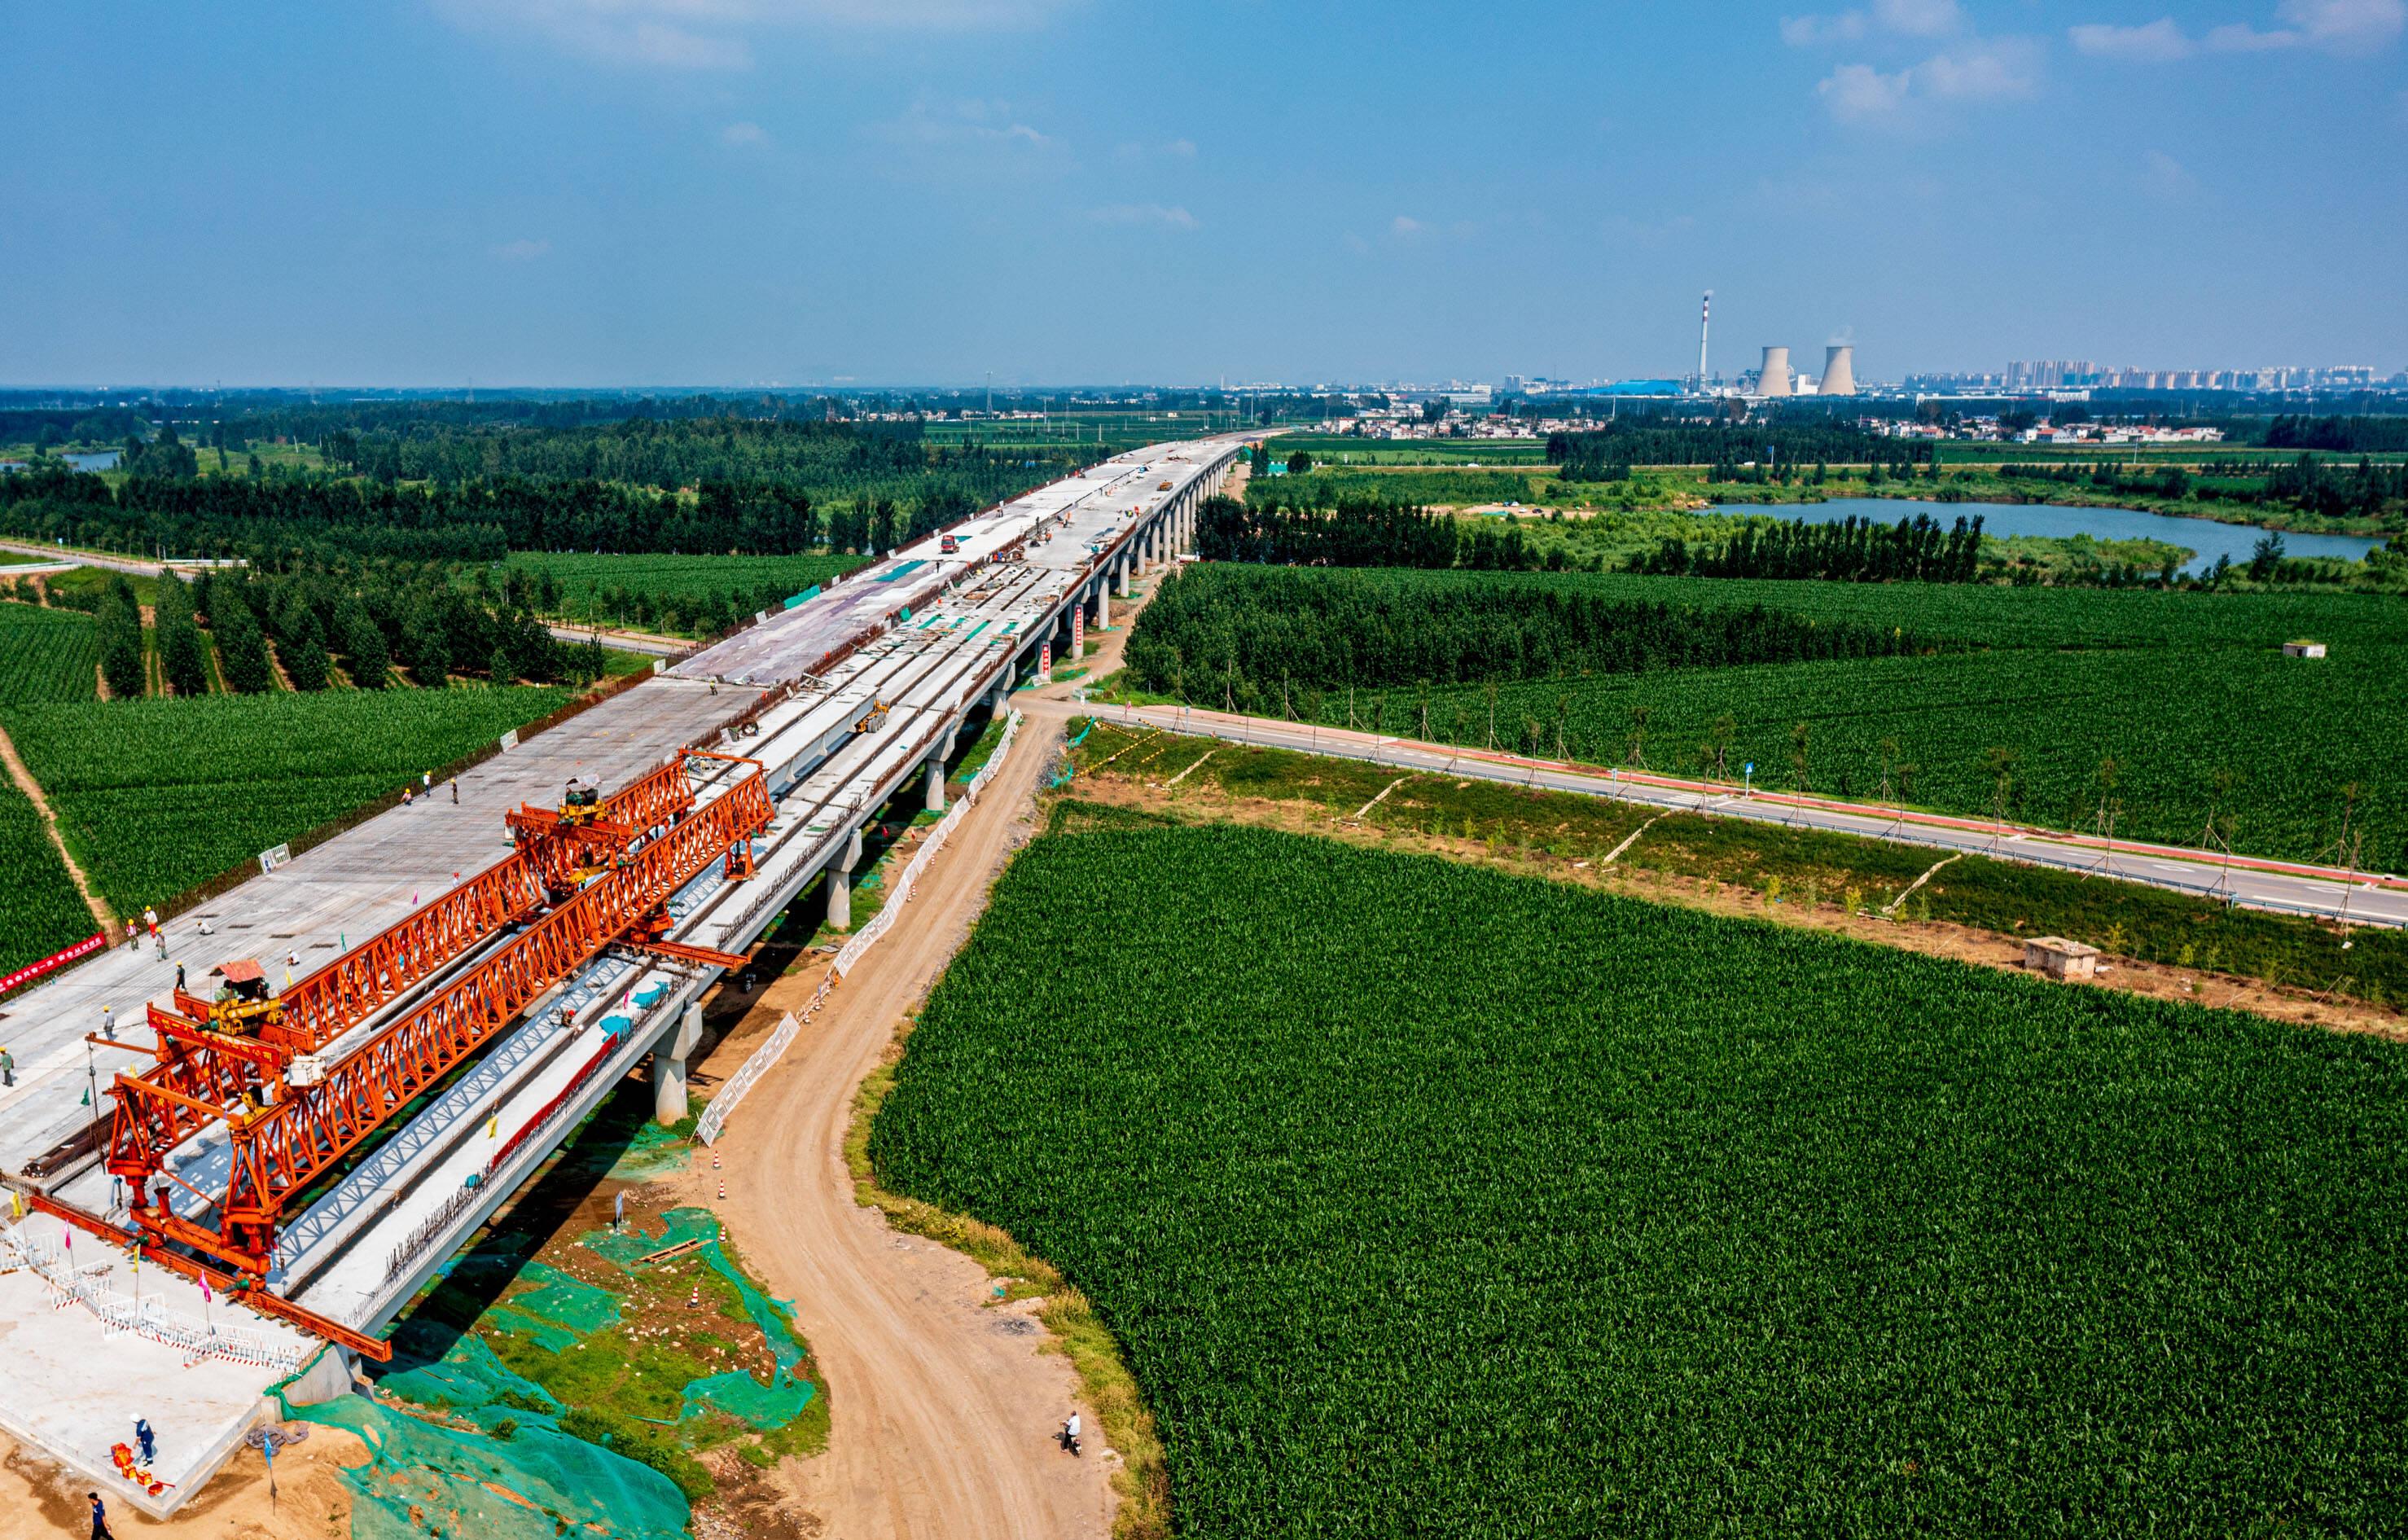 泗河大桥箱梁架设全部完成 曲阜济宁间将多一条交通干道